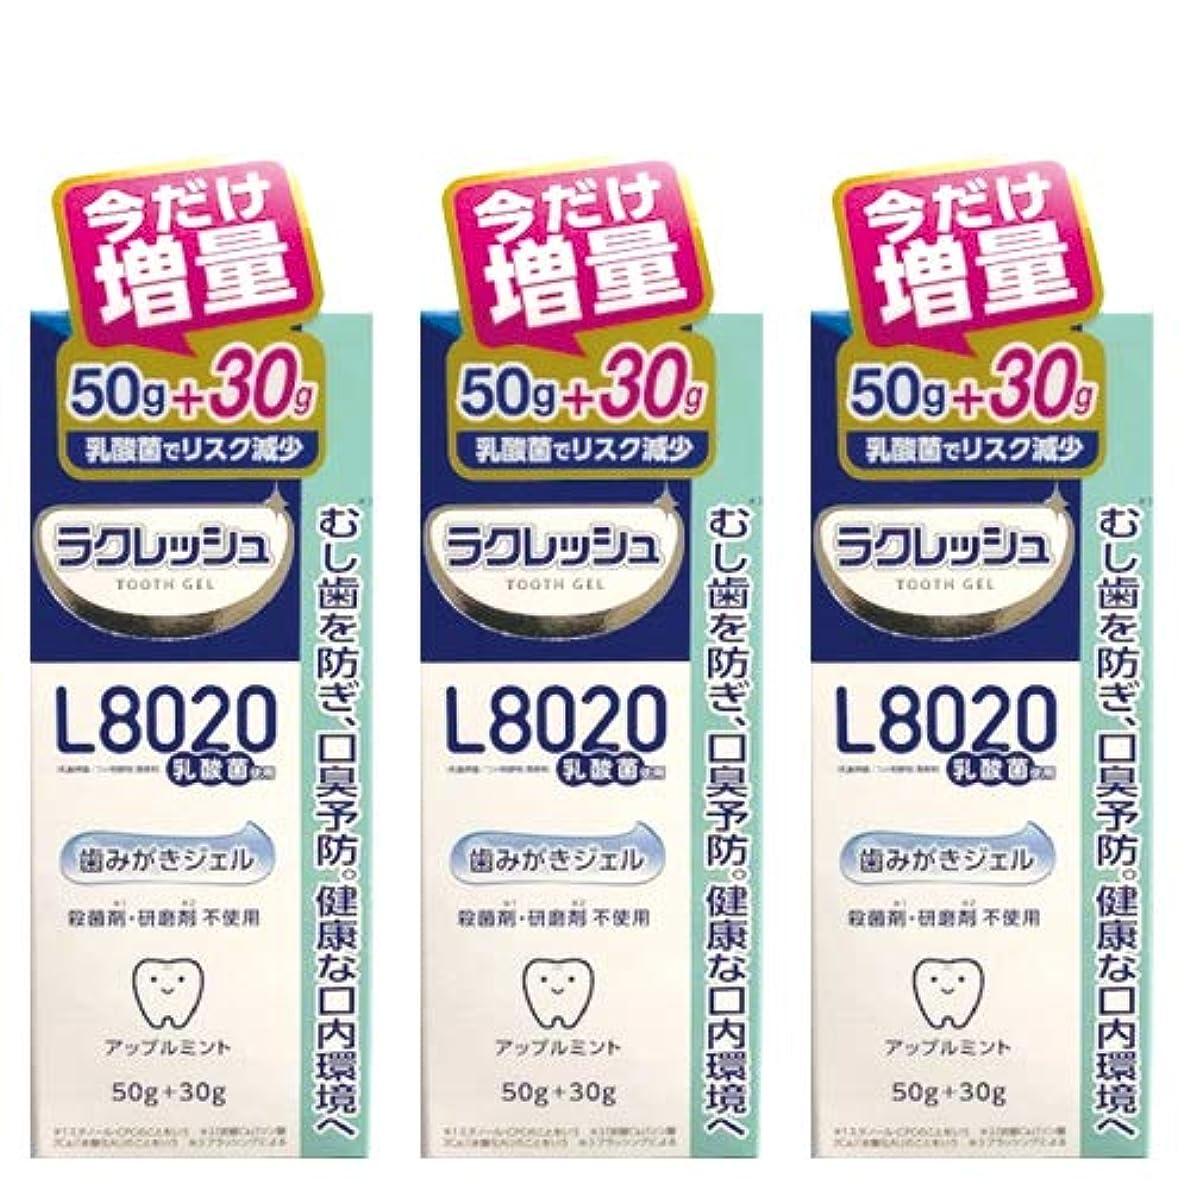 【増量30g 】ジェクス L8020乳酸菌 ラクレッシュ 歯みがきジェル 80g(50g+30g)×3本セット